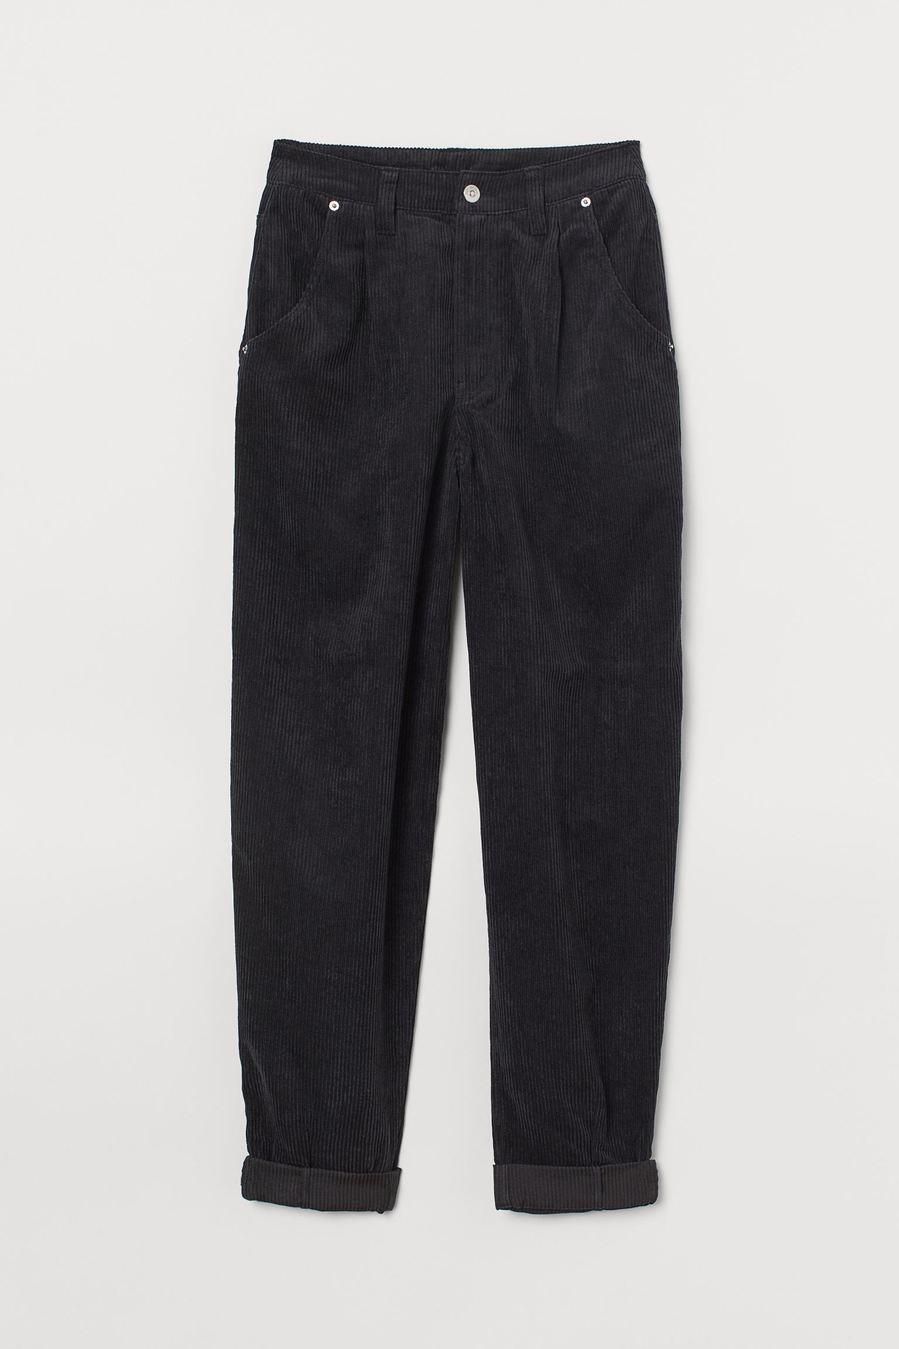 H&M - Los pantalones más chic (y calentitos) son de pana